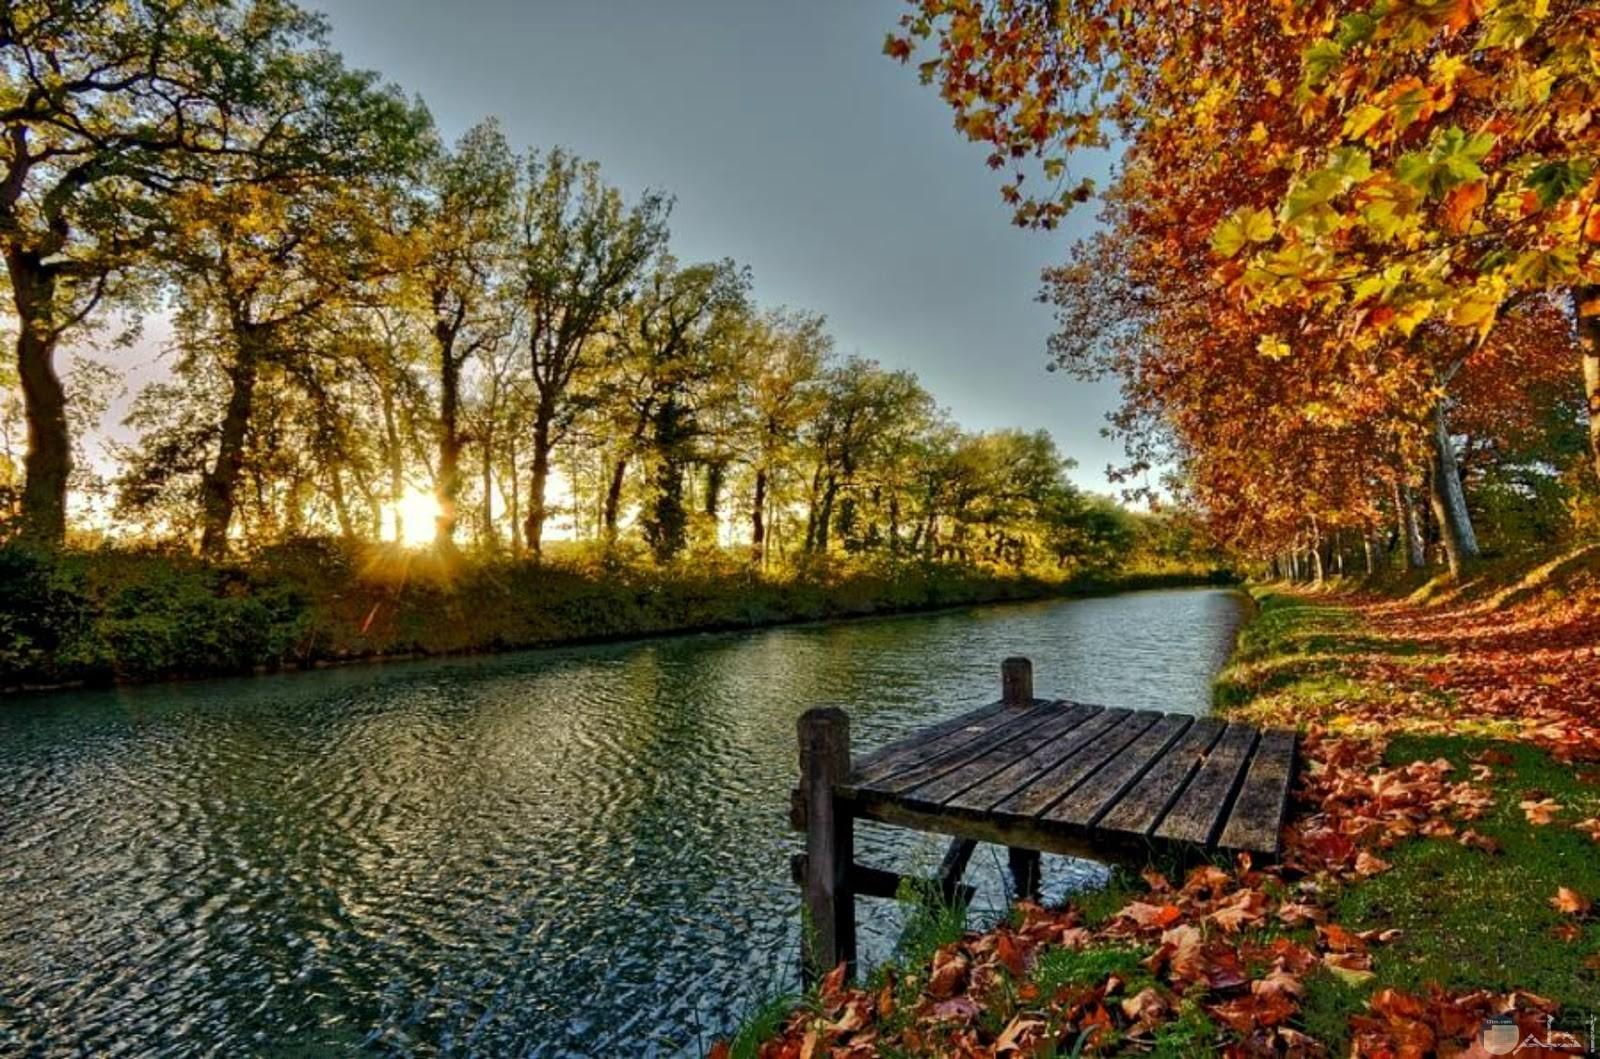 صورة نهر و الأشجار الطبيعية تحيط به من الجانبين.